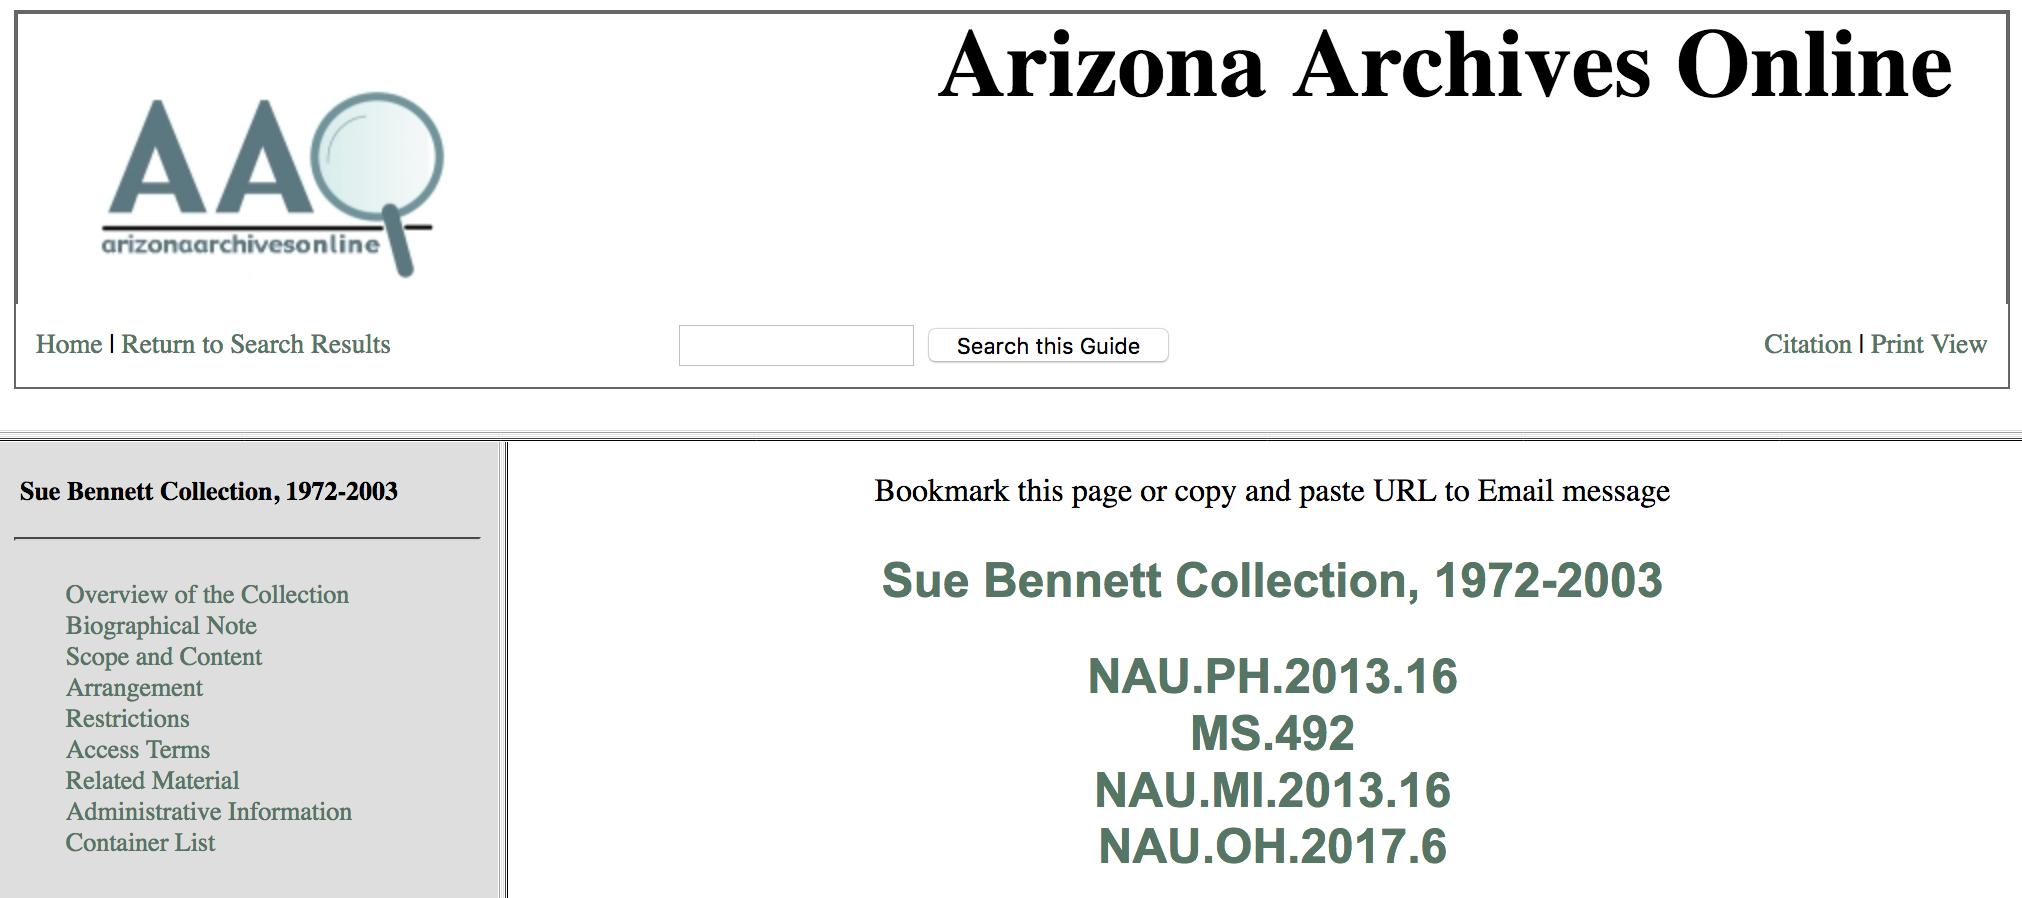 Arizona Archives Online Bennett Guide